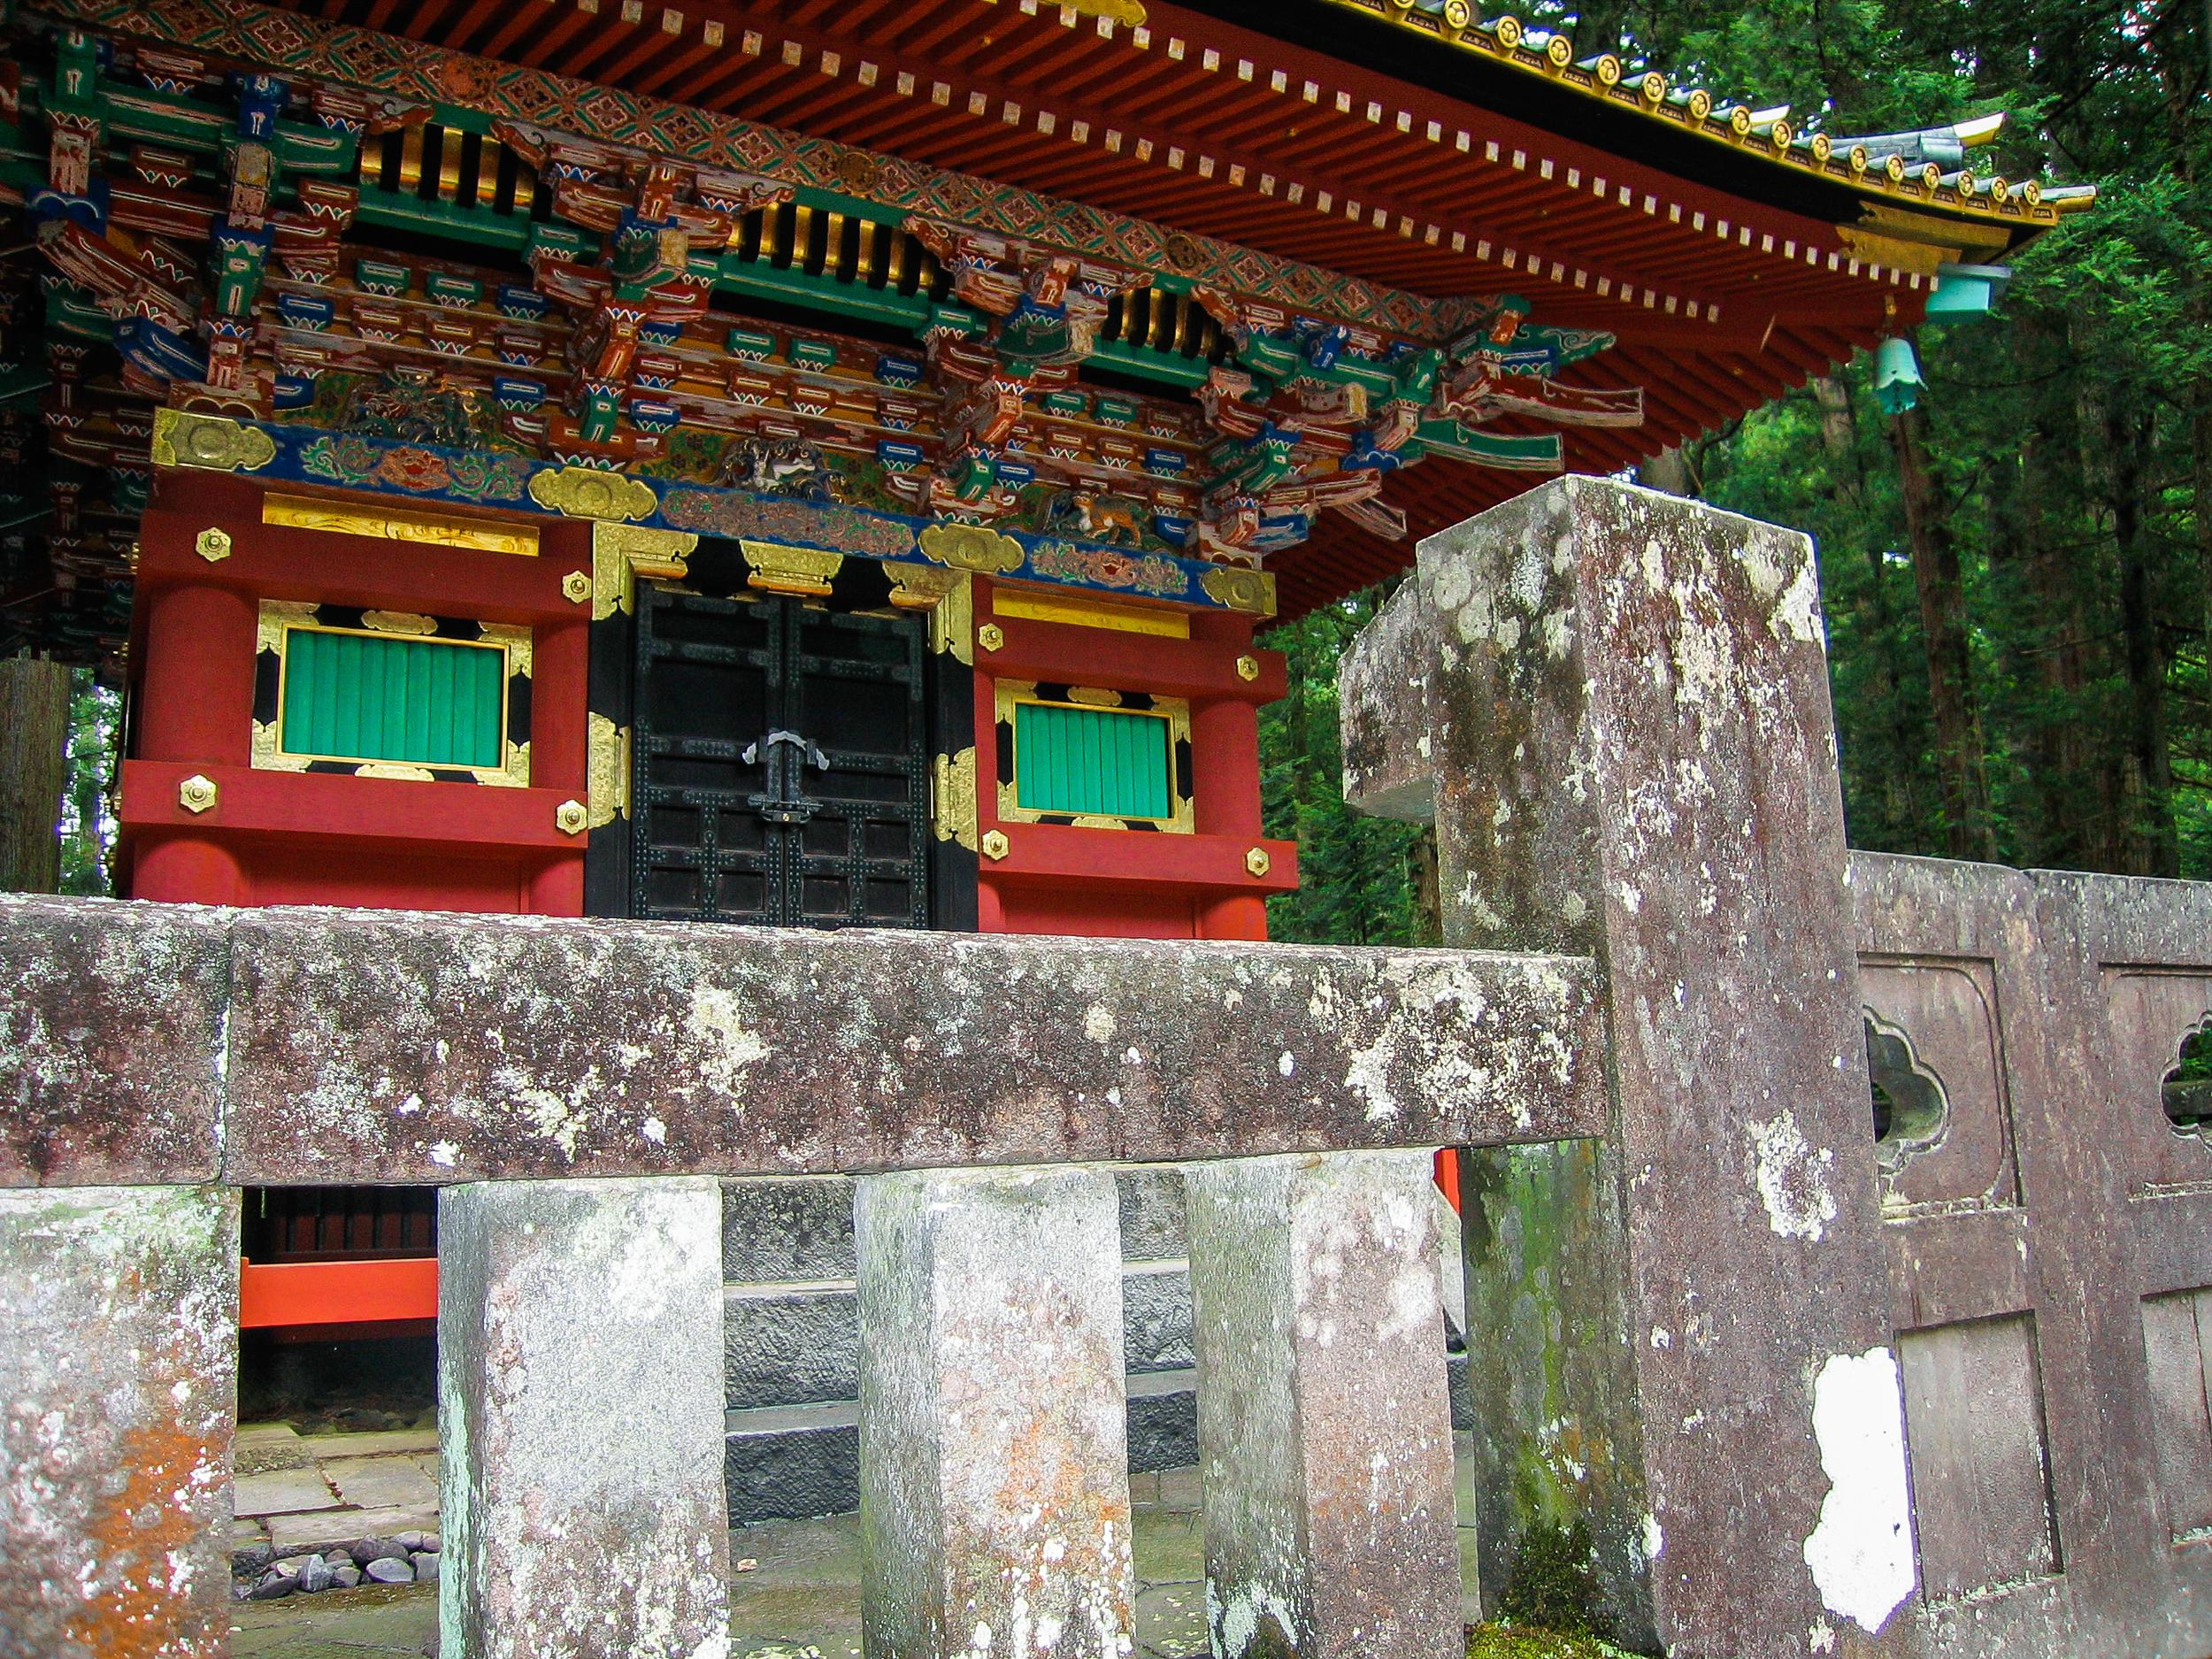 Pagoda details at Nikkō Tōshō-gū Shinto Shrine.